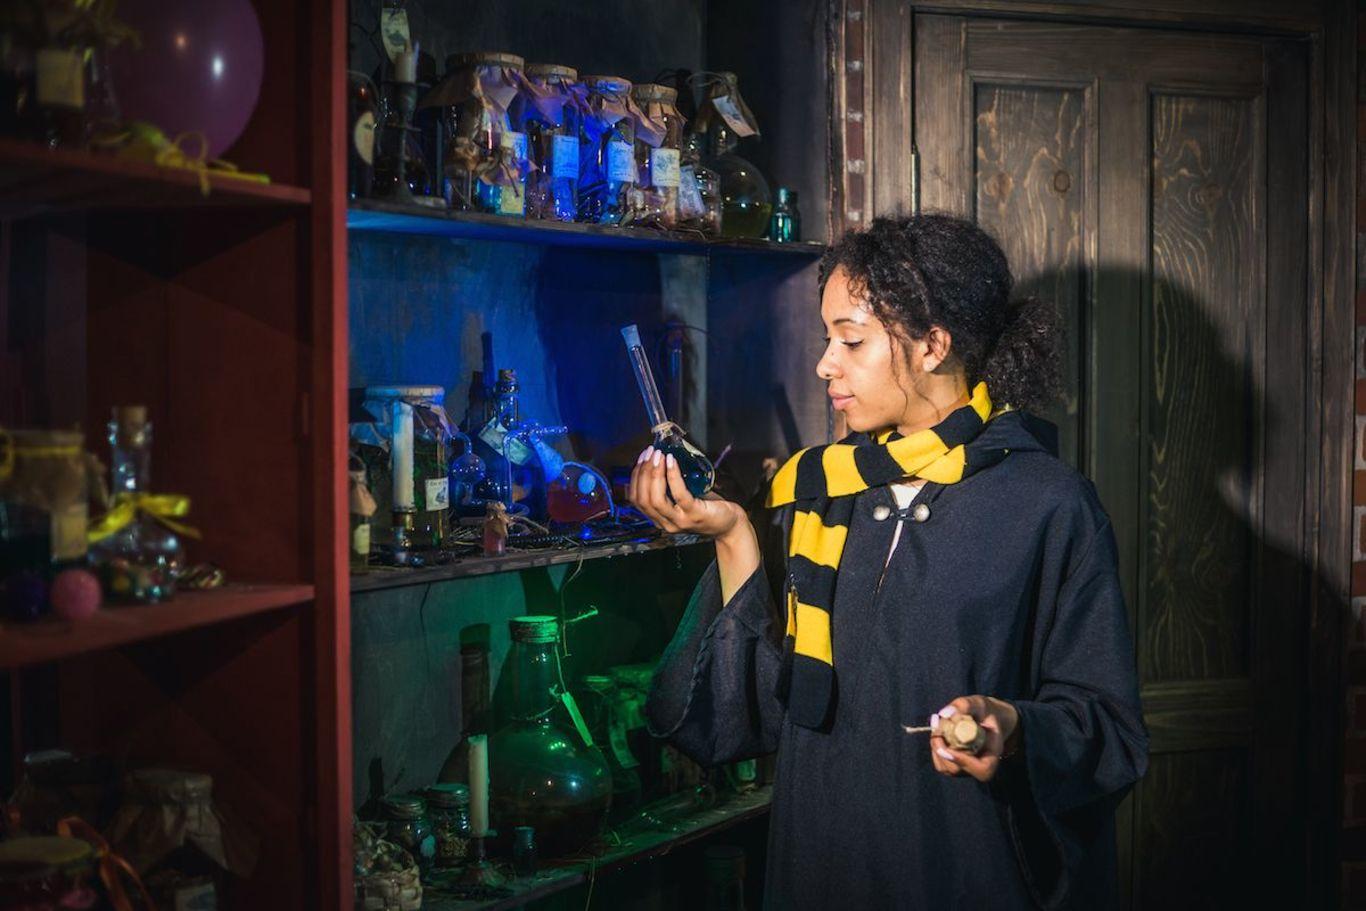 Школа магии в новосибирске гадание по картам онлайн на сегодняшний день